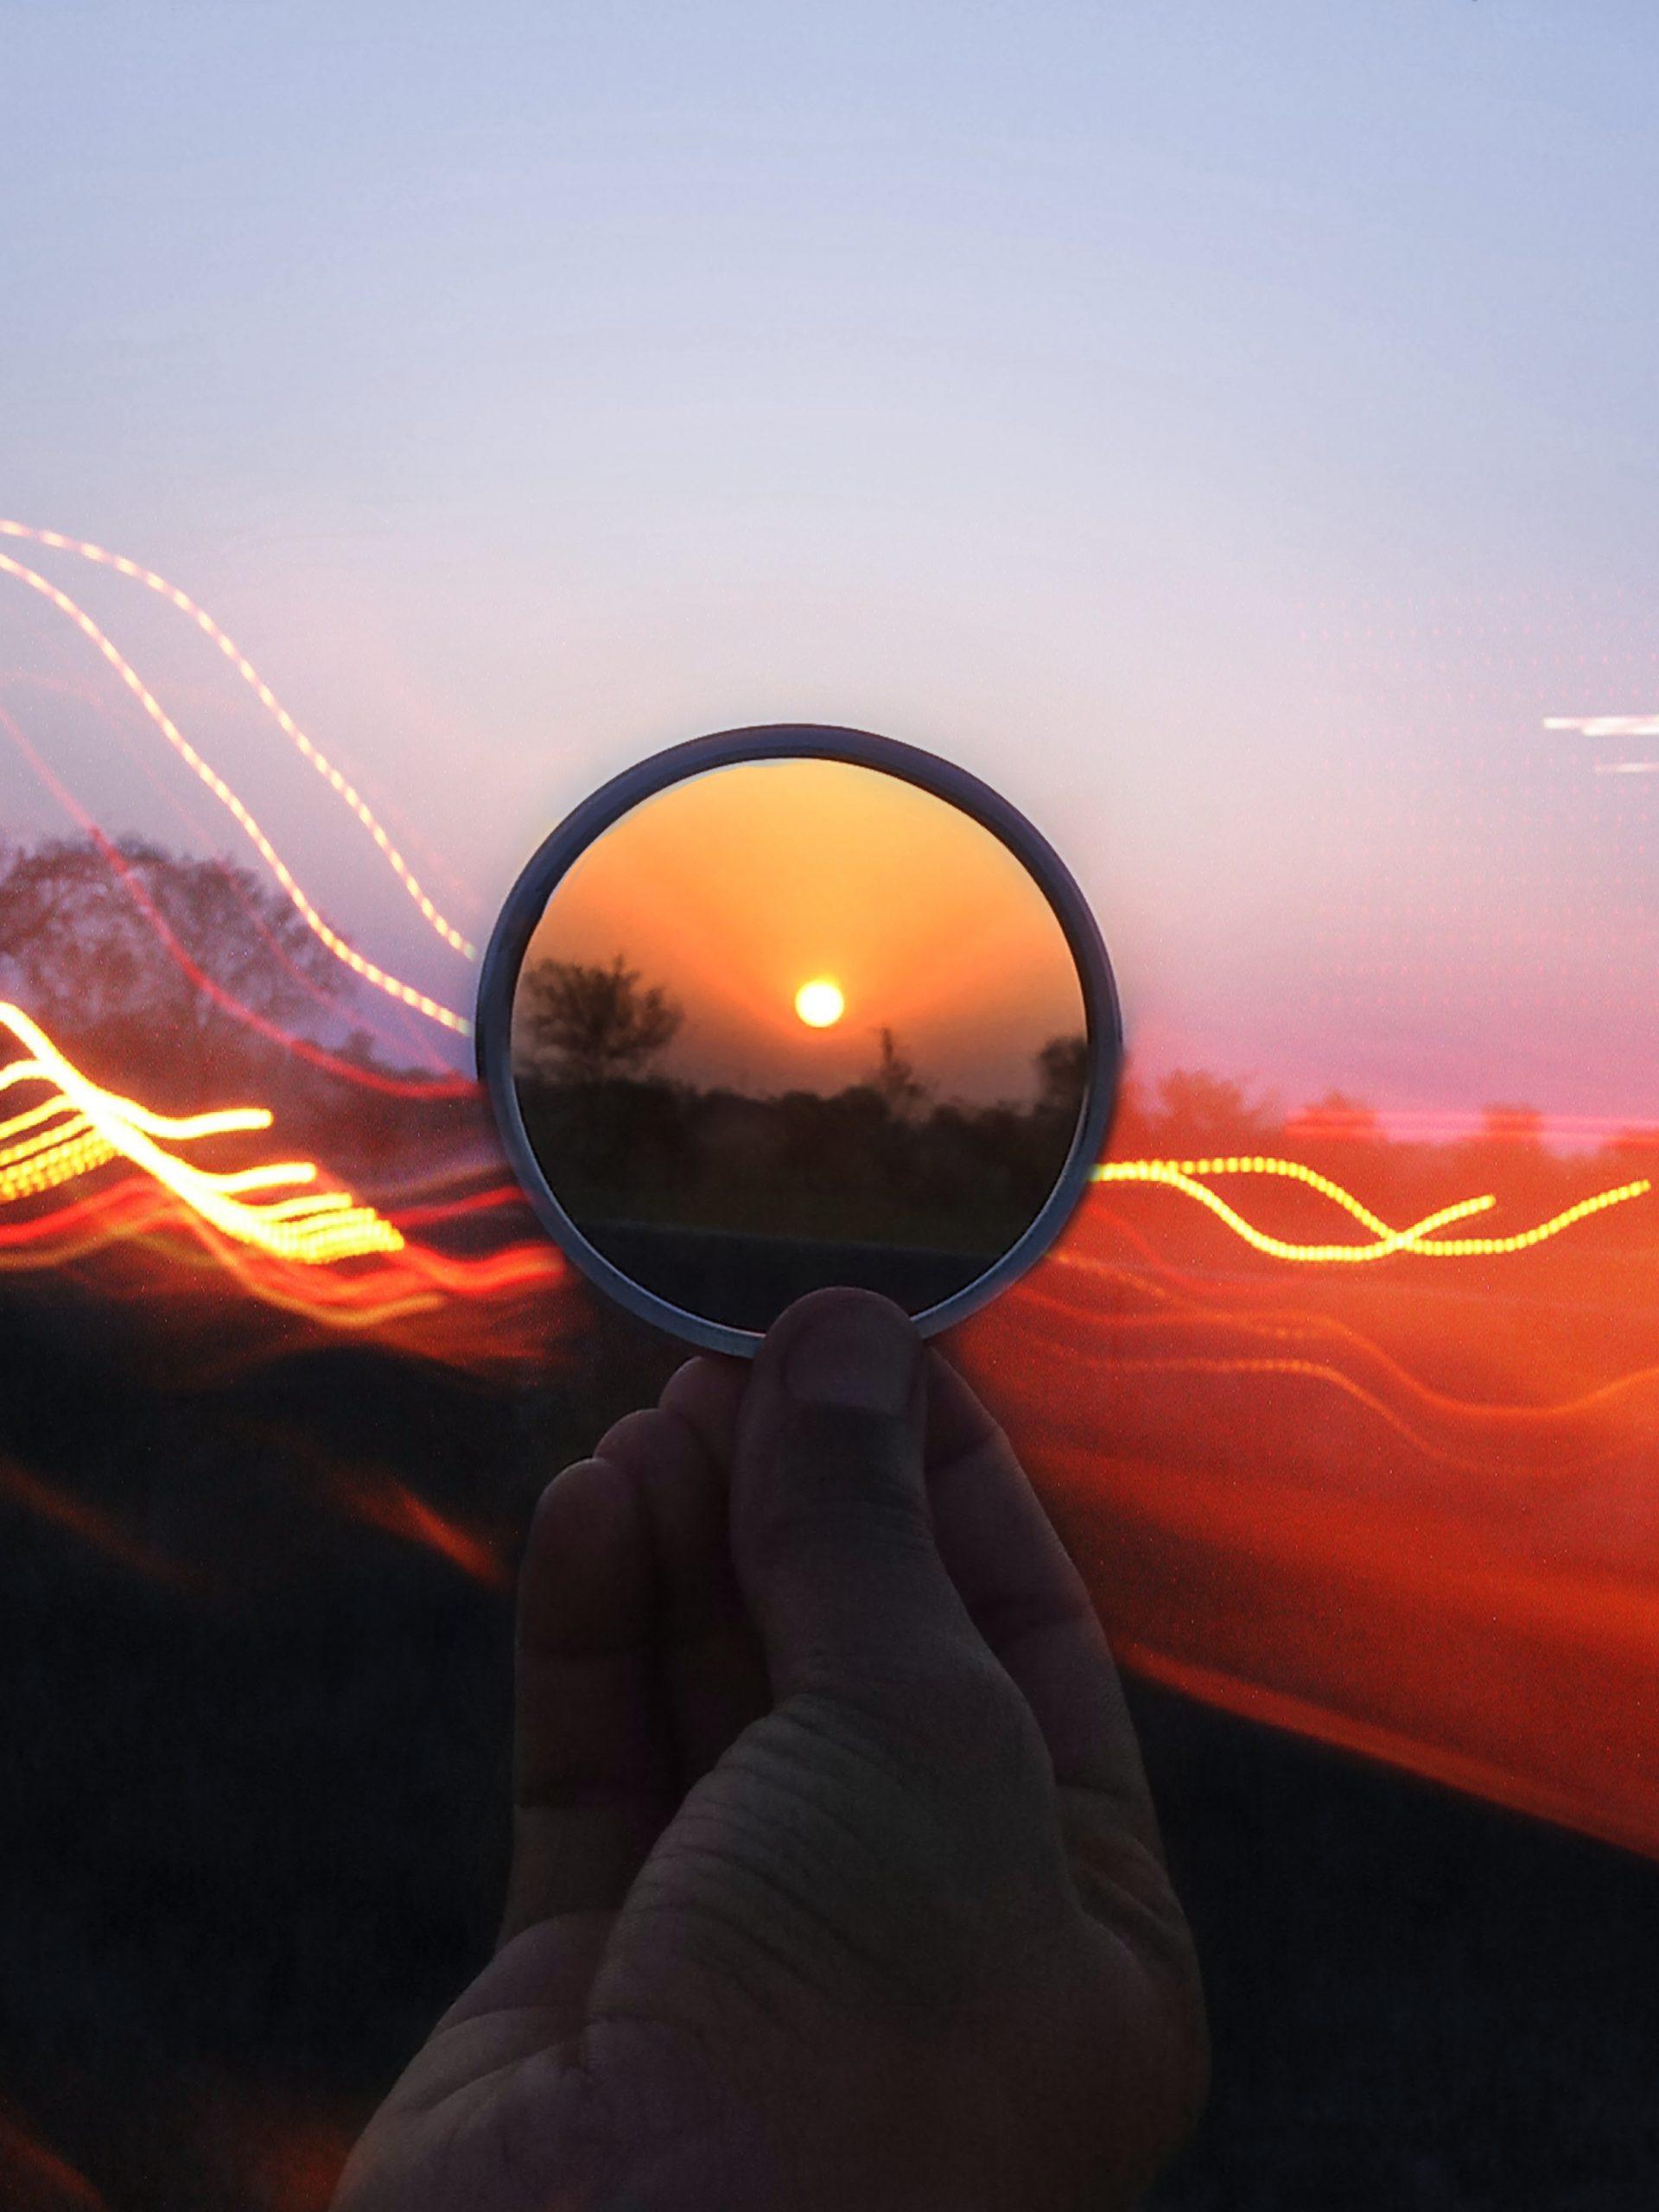 Sunset through ring